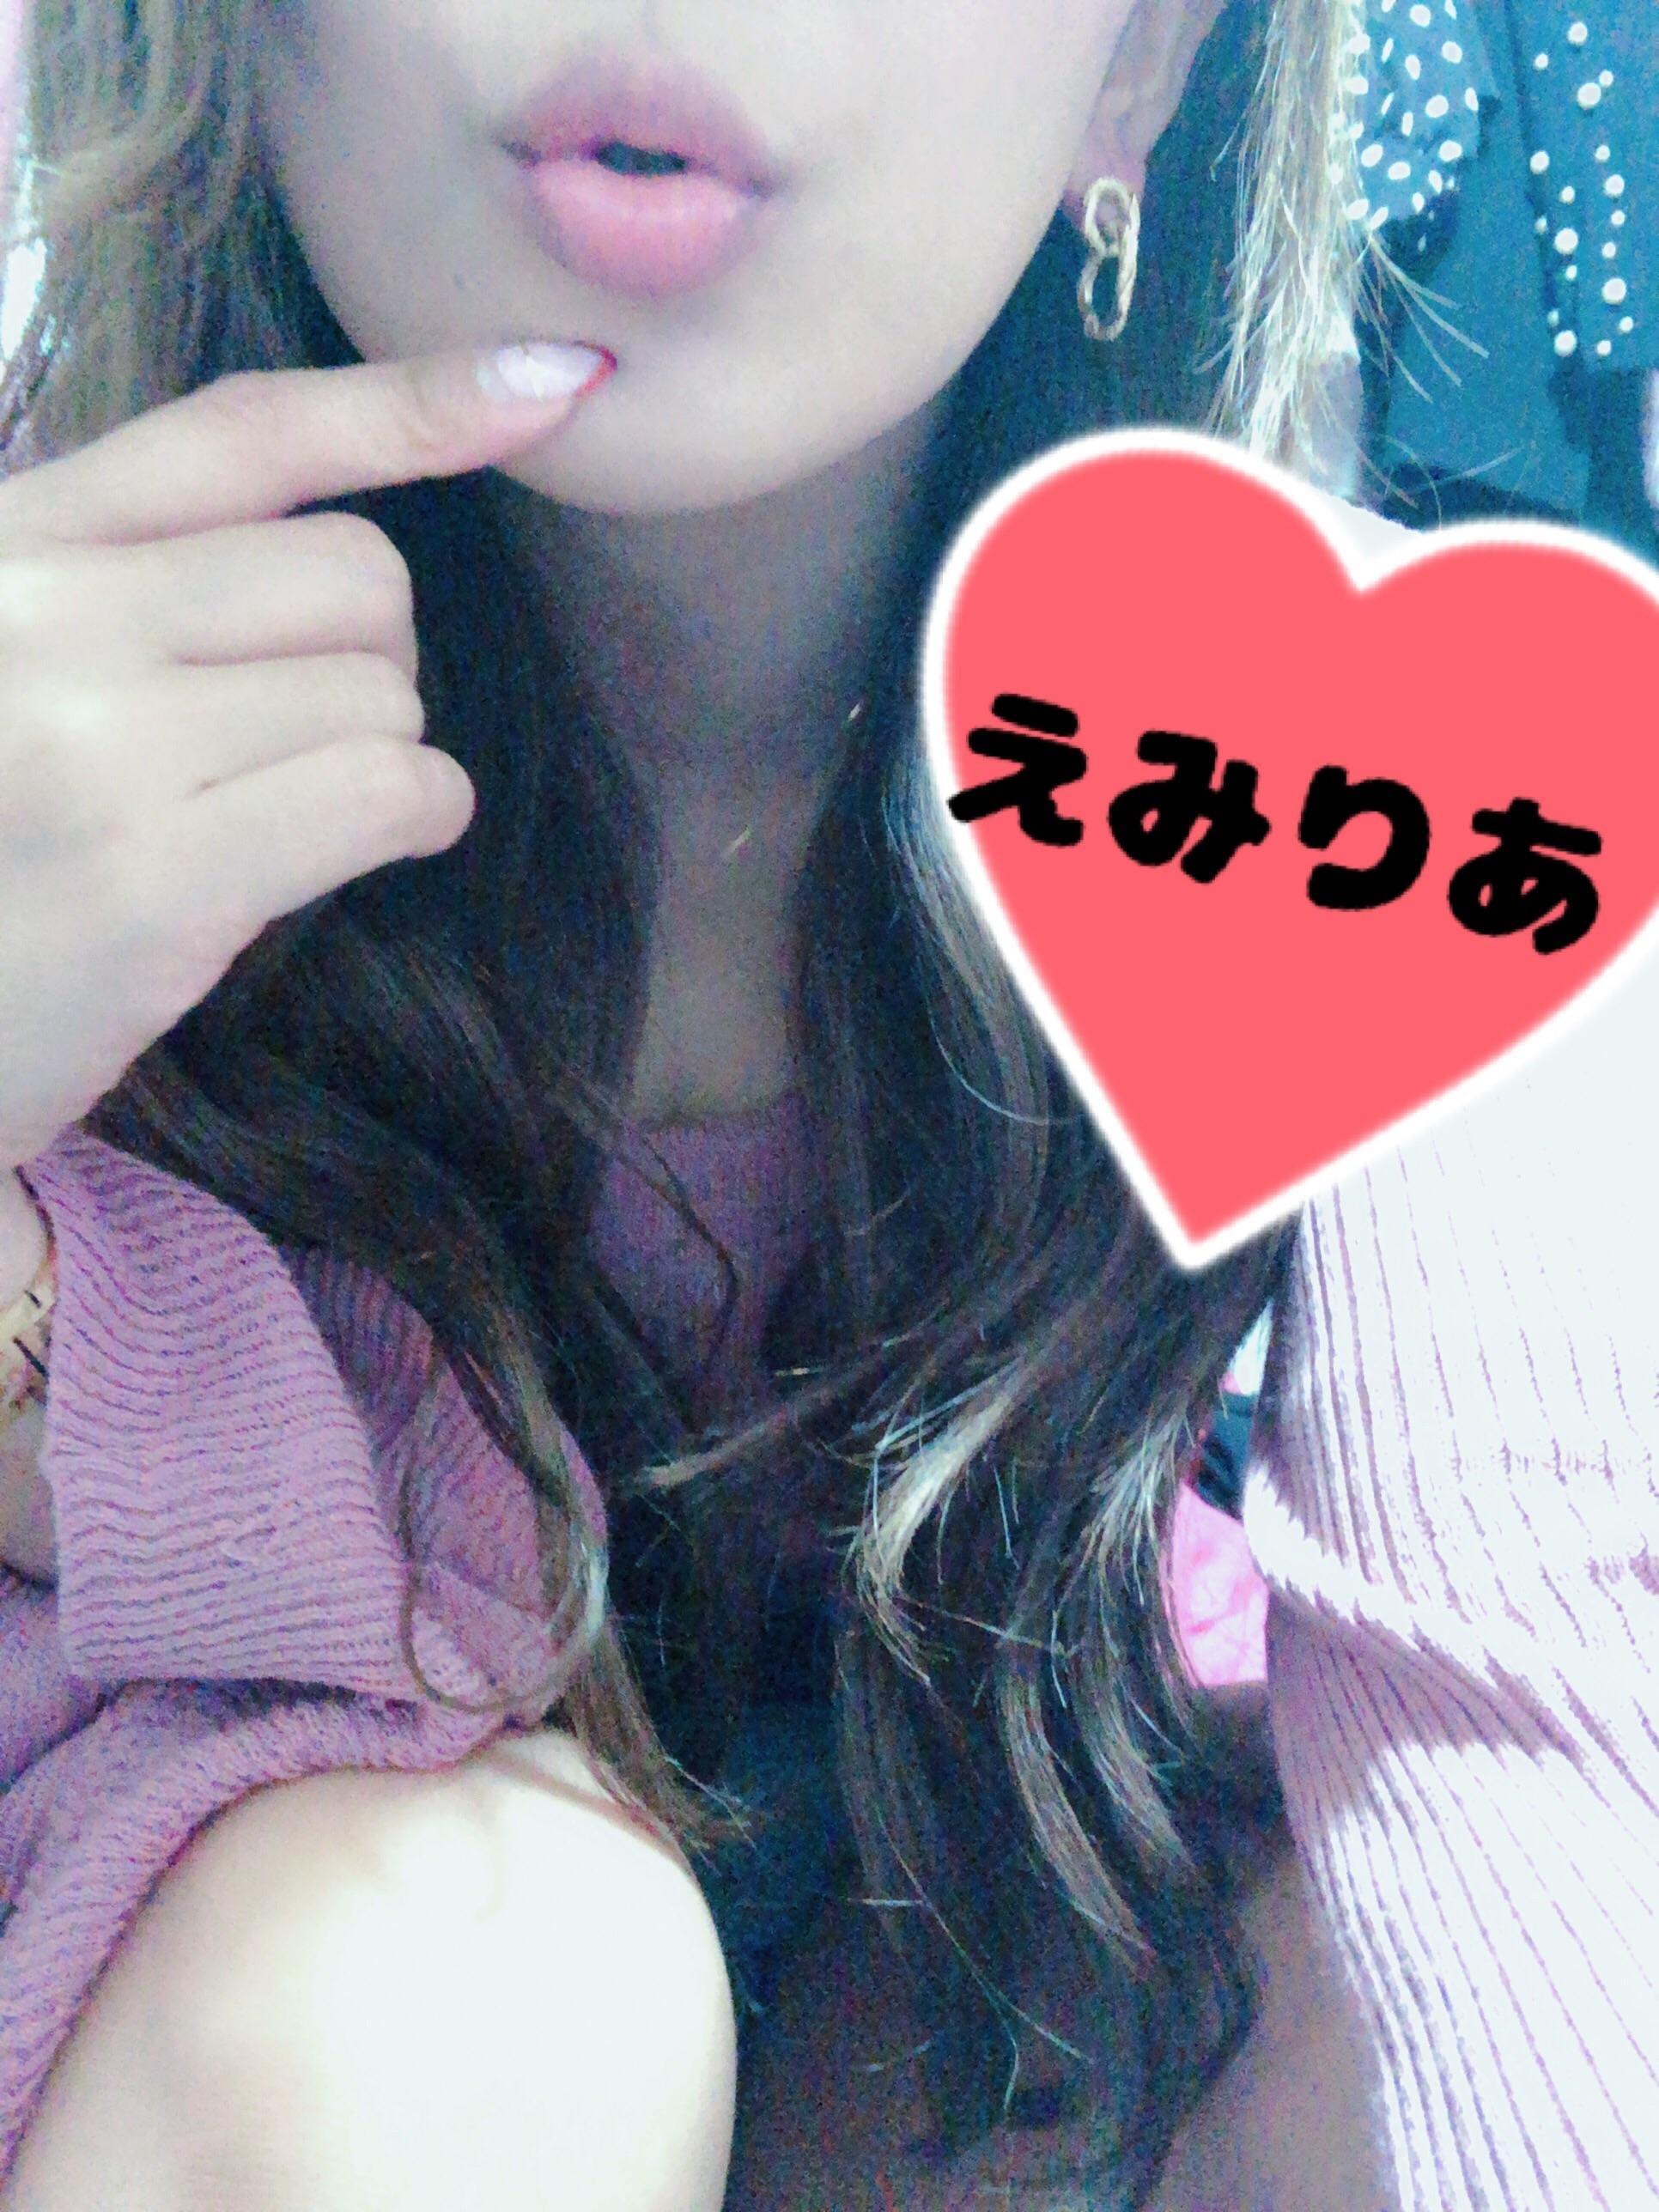 「やば!」11/11(日) 19:24 | えみりあの写メ・風俗動画